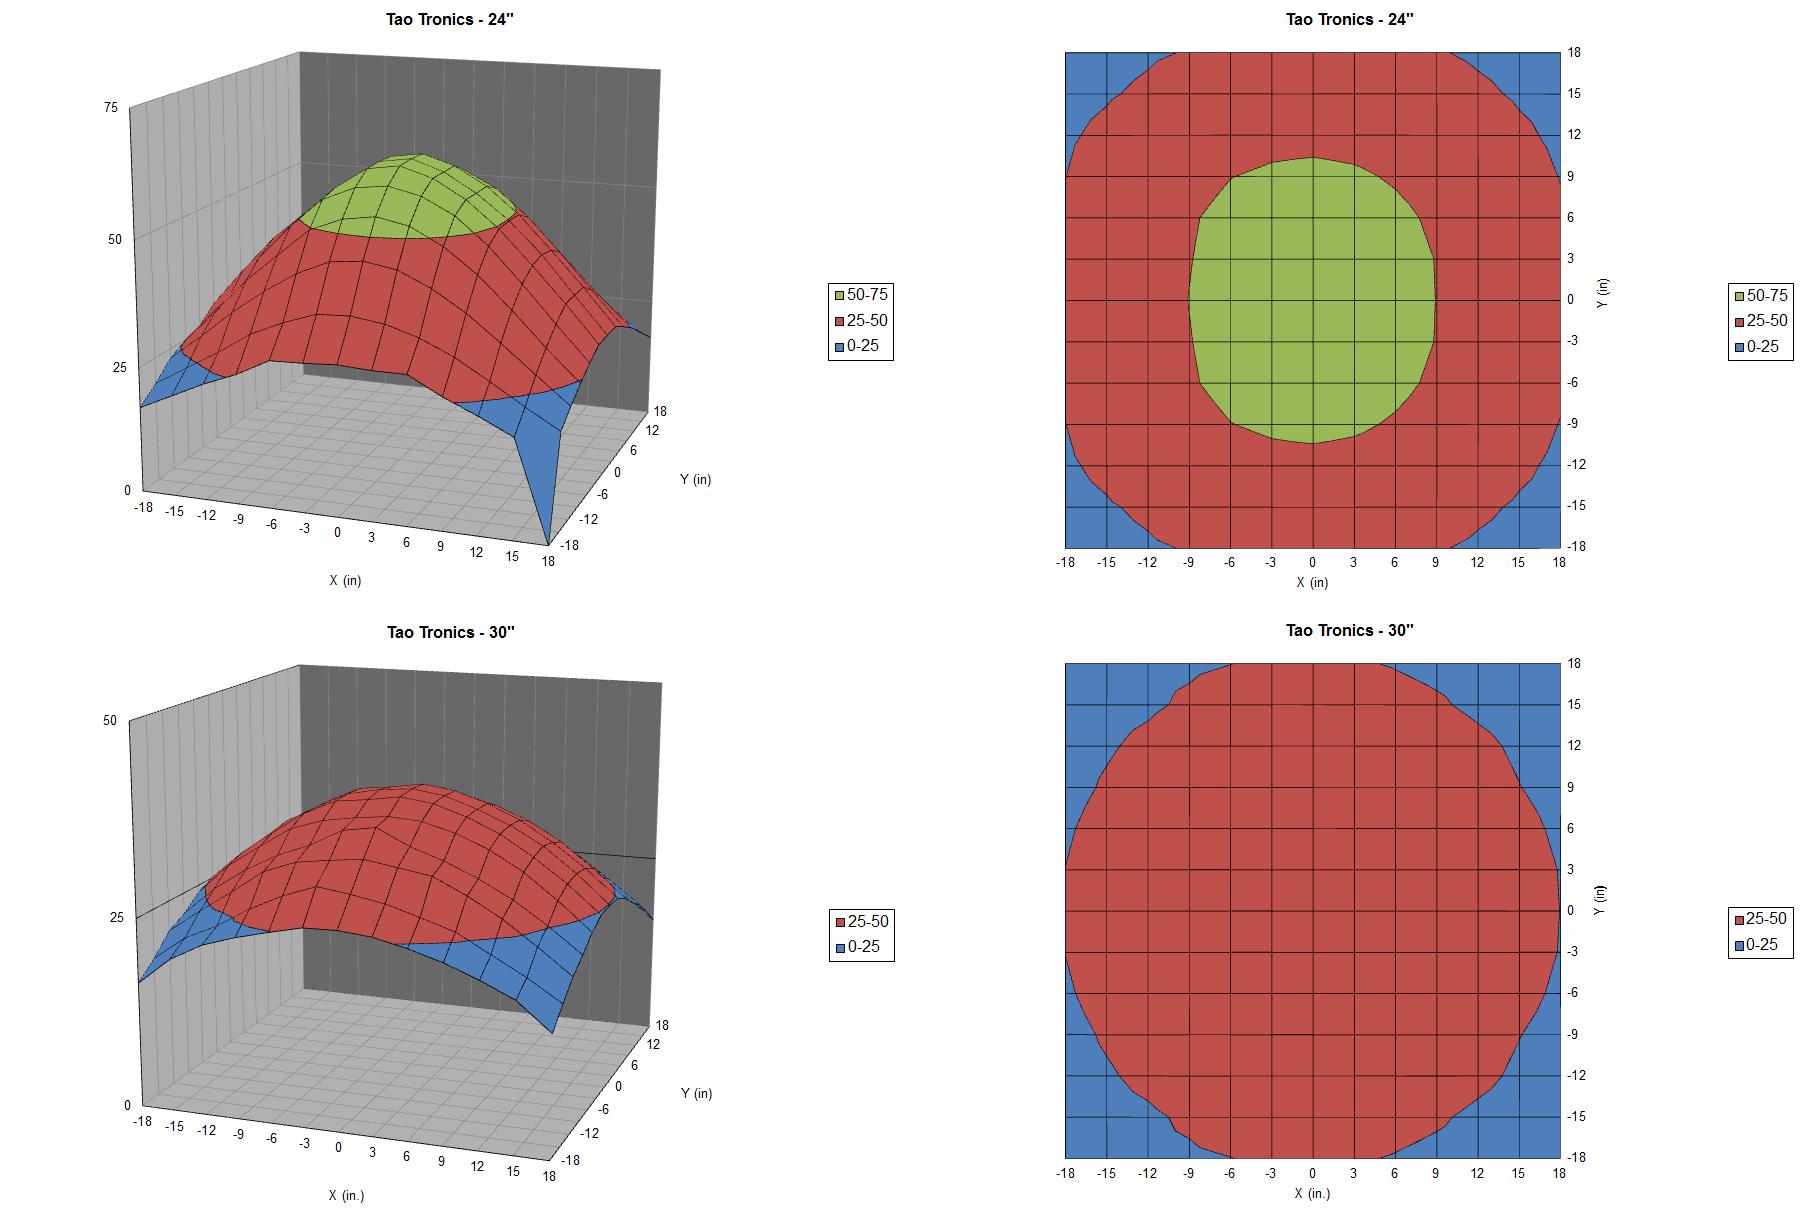 figure_10_tao_tronics_par_distribution.jpg